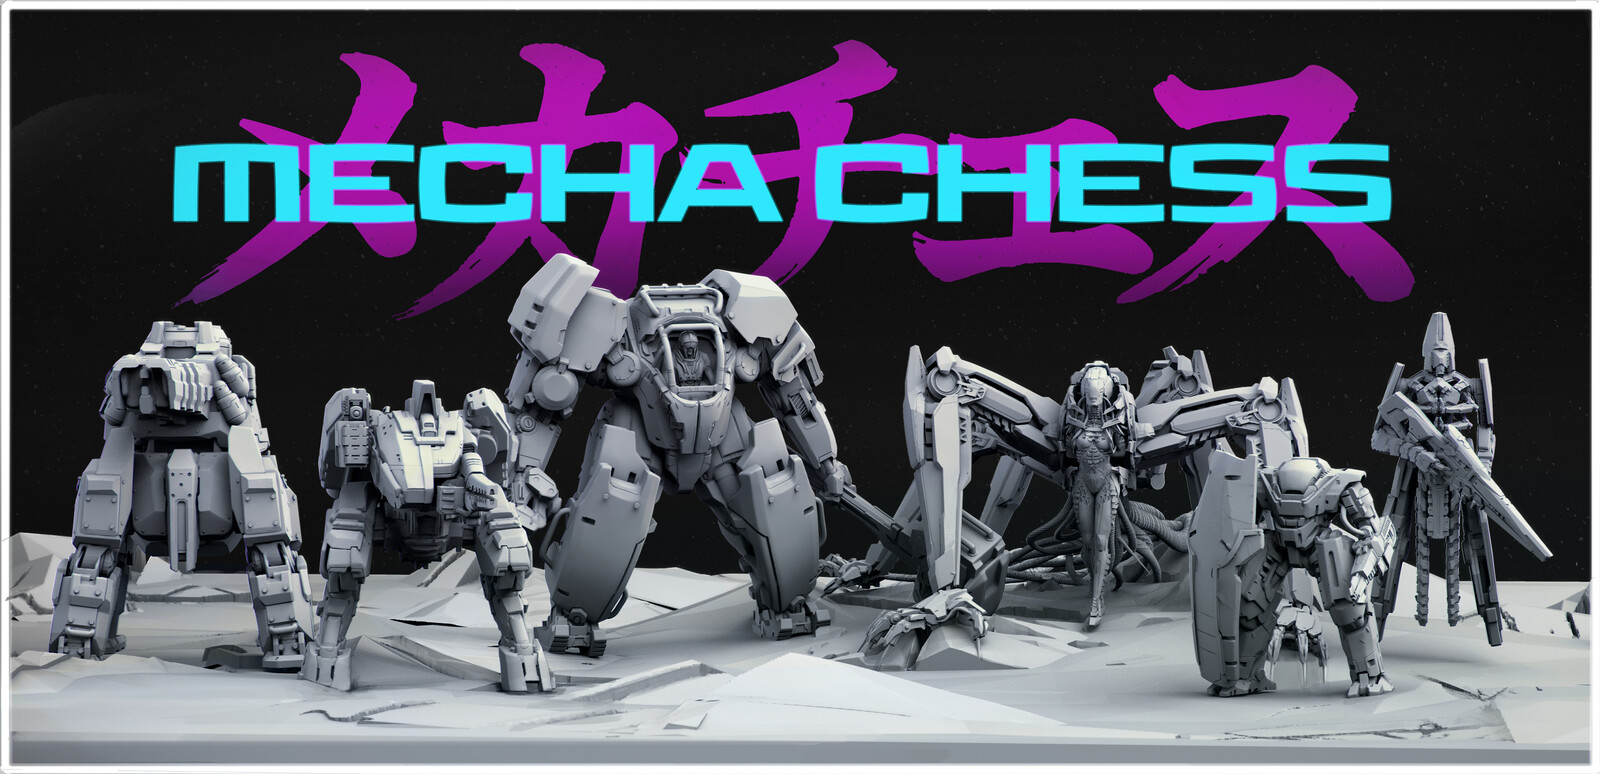 MECHA CHESS